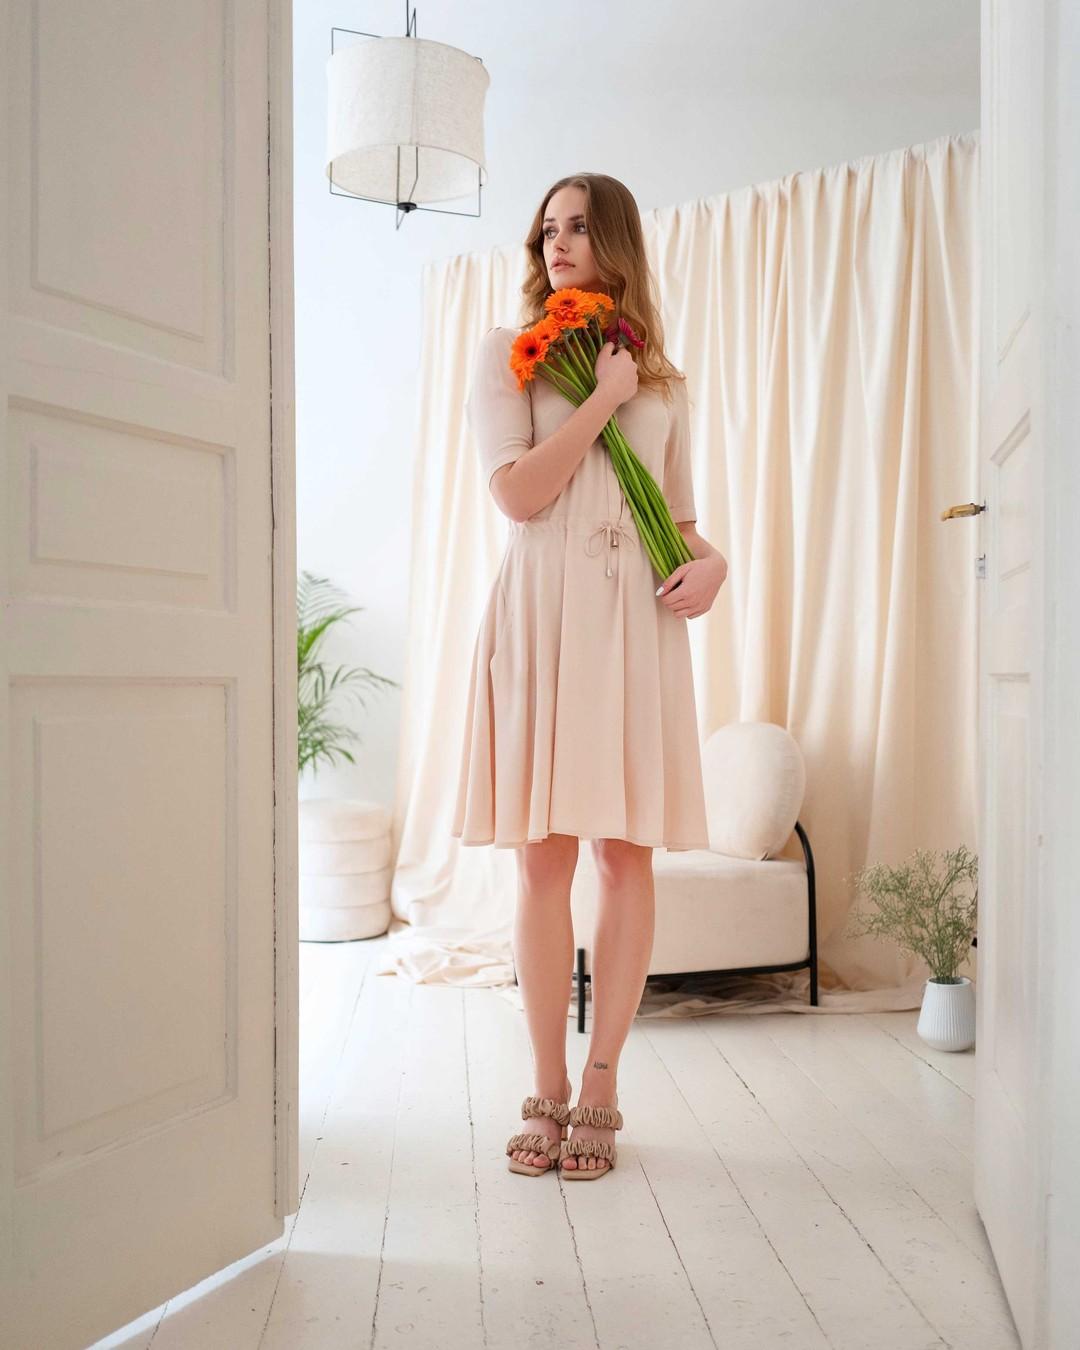 Wiosno, idziemy po Ciebie! Tylko do jutra WSZYSTKO w naszym sklepie kupisz taniej przynajmniej o 20%. Nie przegap okazji! #wiosna #sukienka #wiskoza #onlineshopping #butik #ubrania #wiosennestylizacje #sukienkazwiskozy #promocja 2102